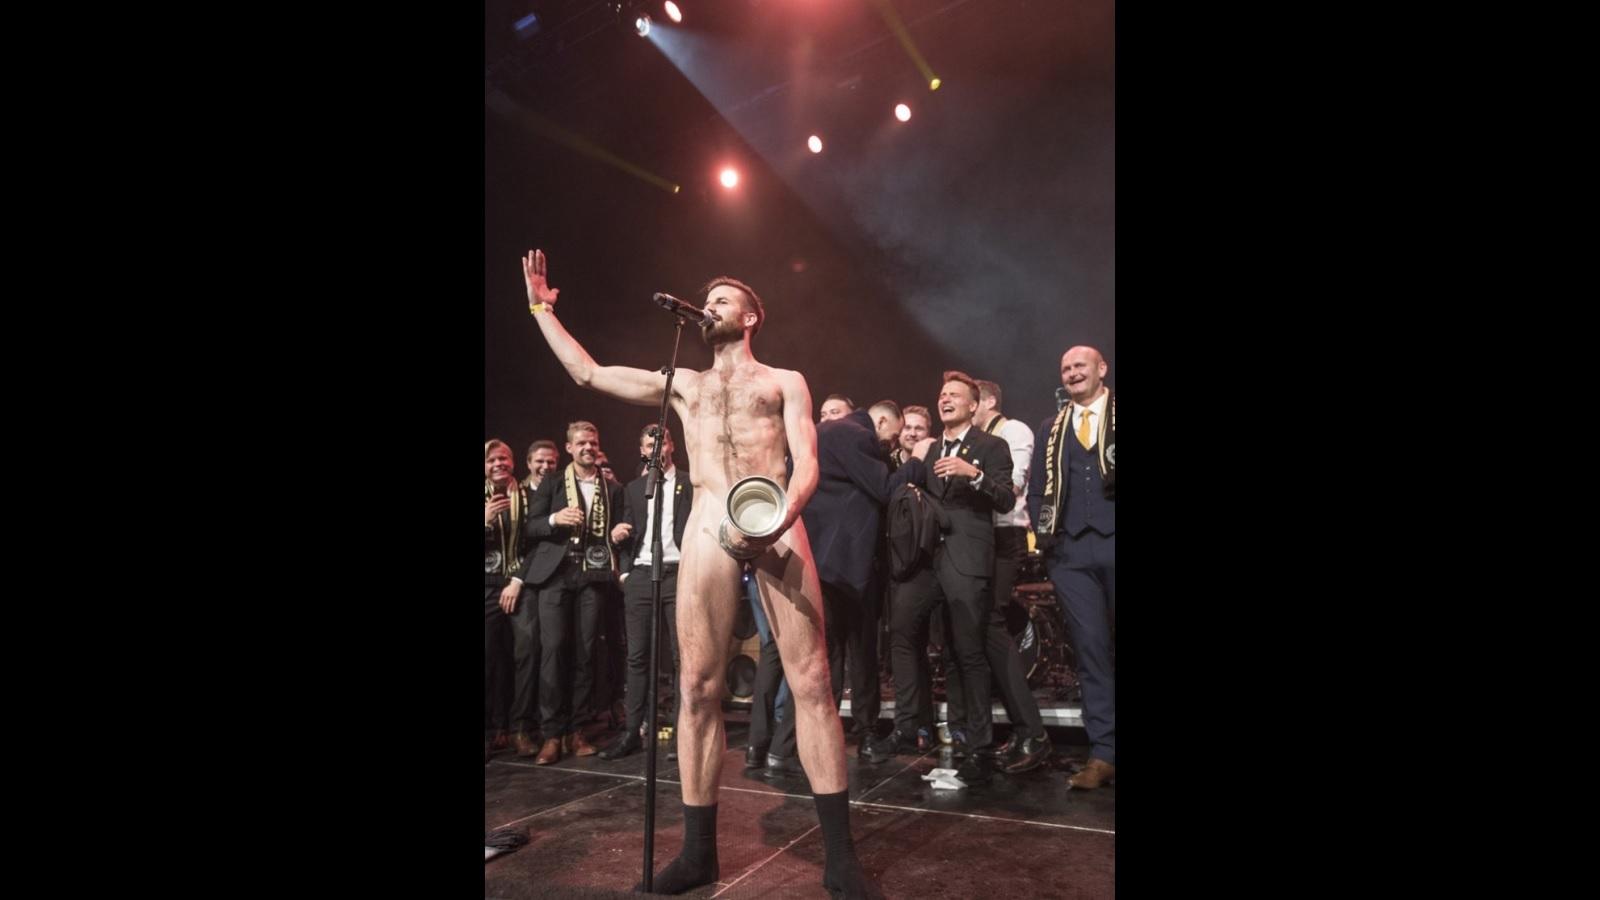 Vince la Coppa e festeggia denudandosi e coprendosi il pene col trofeo